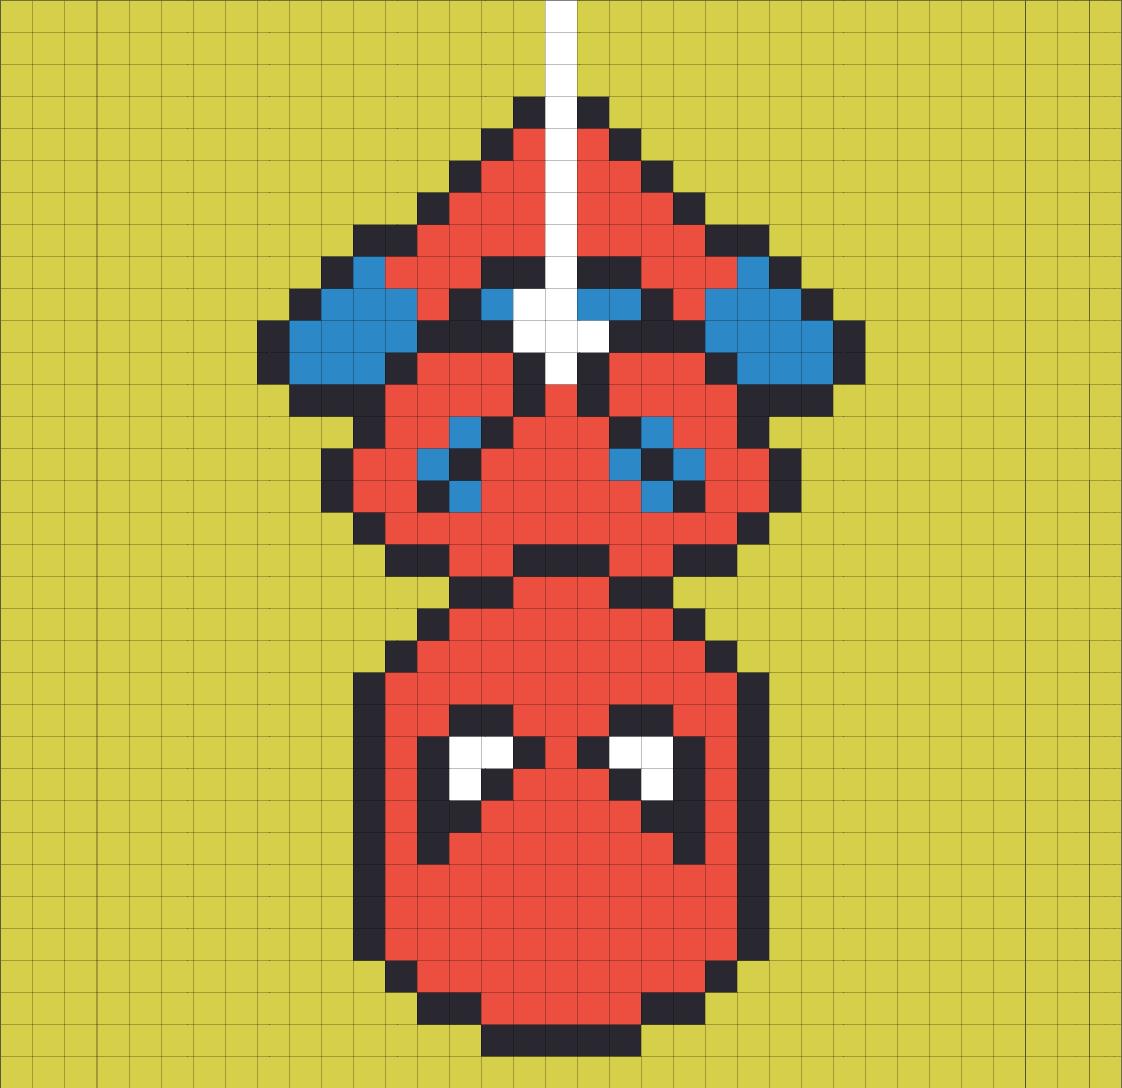 Drawn pixel art super man Got up  bored I